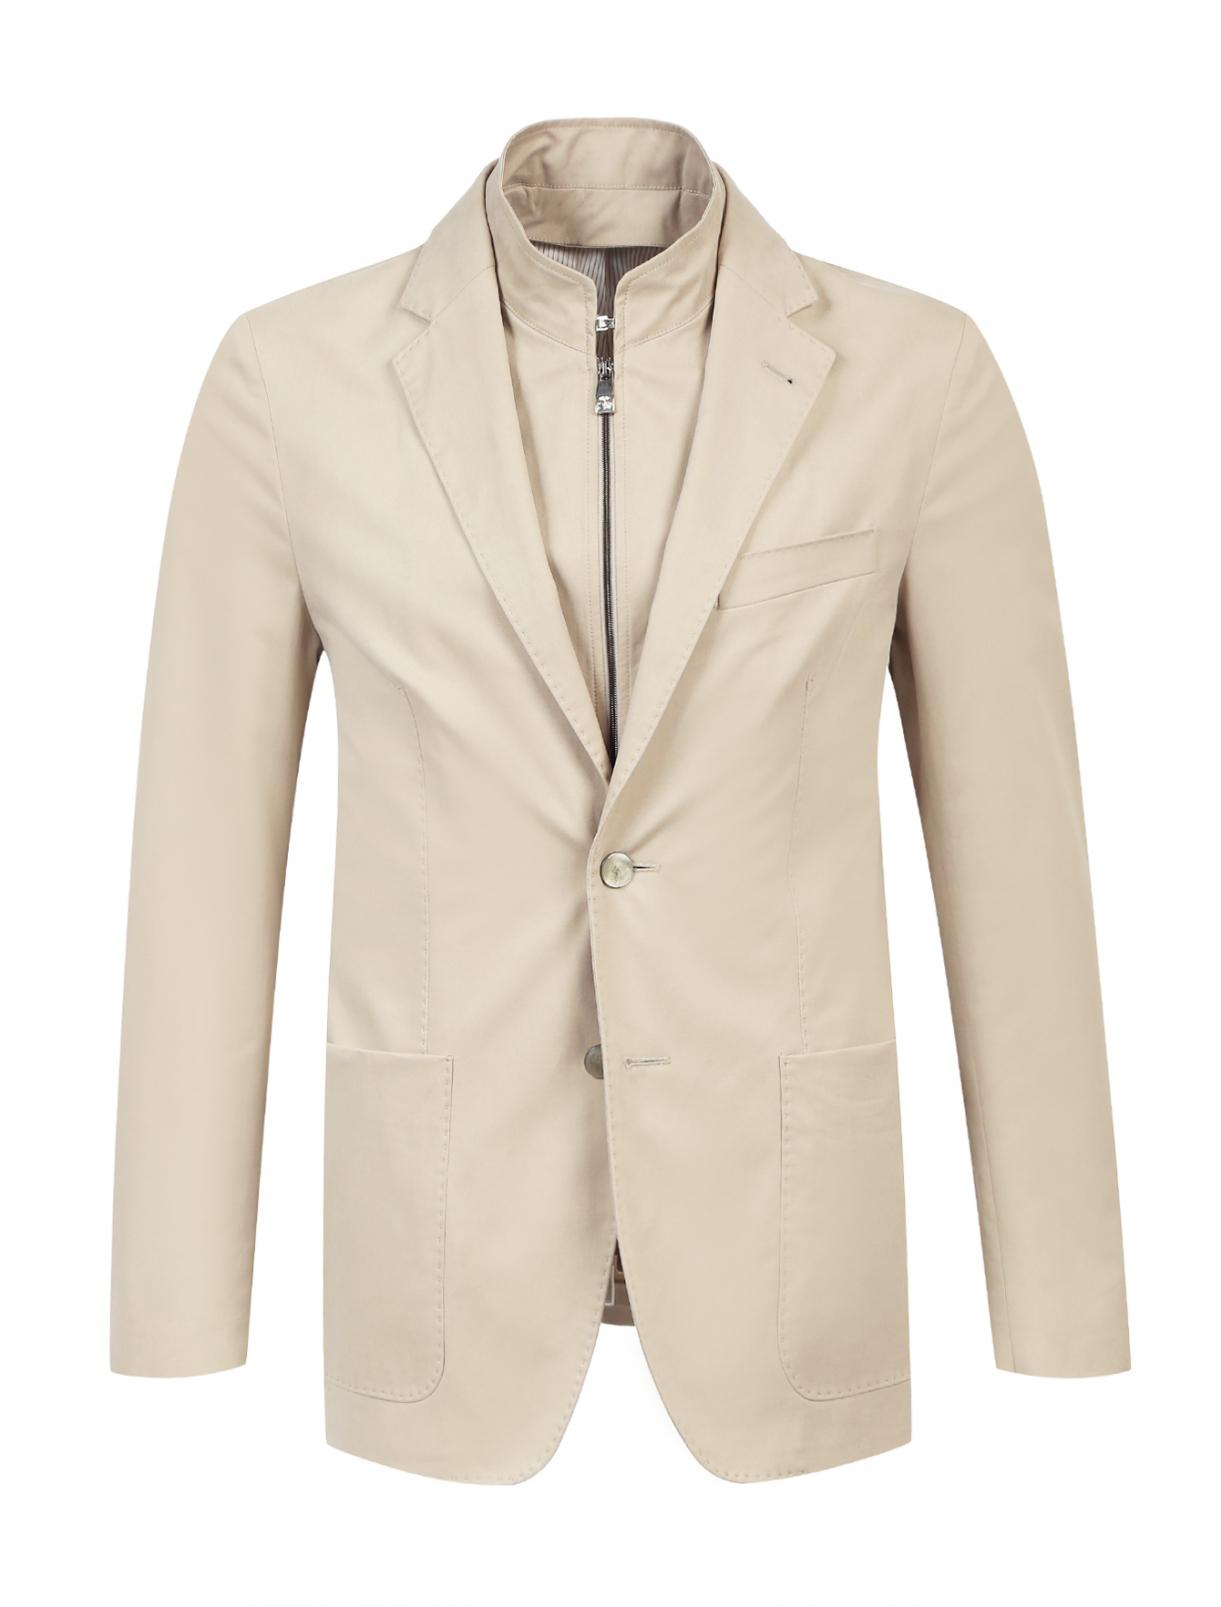 Пиджак из хлопка с отстегивающимся подкладом Corneliani ID  –  Общий вид  – Цвет:  Бежевый